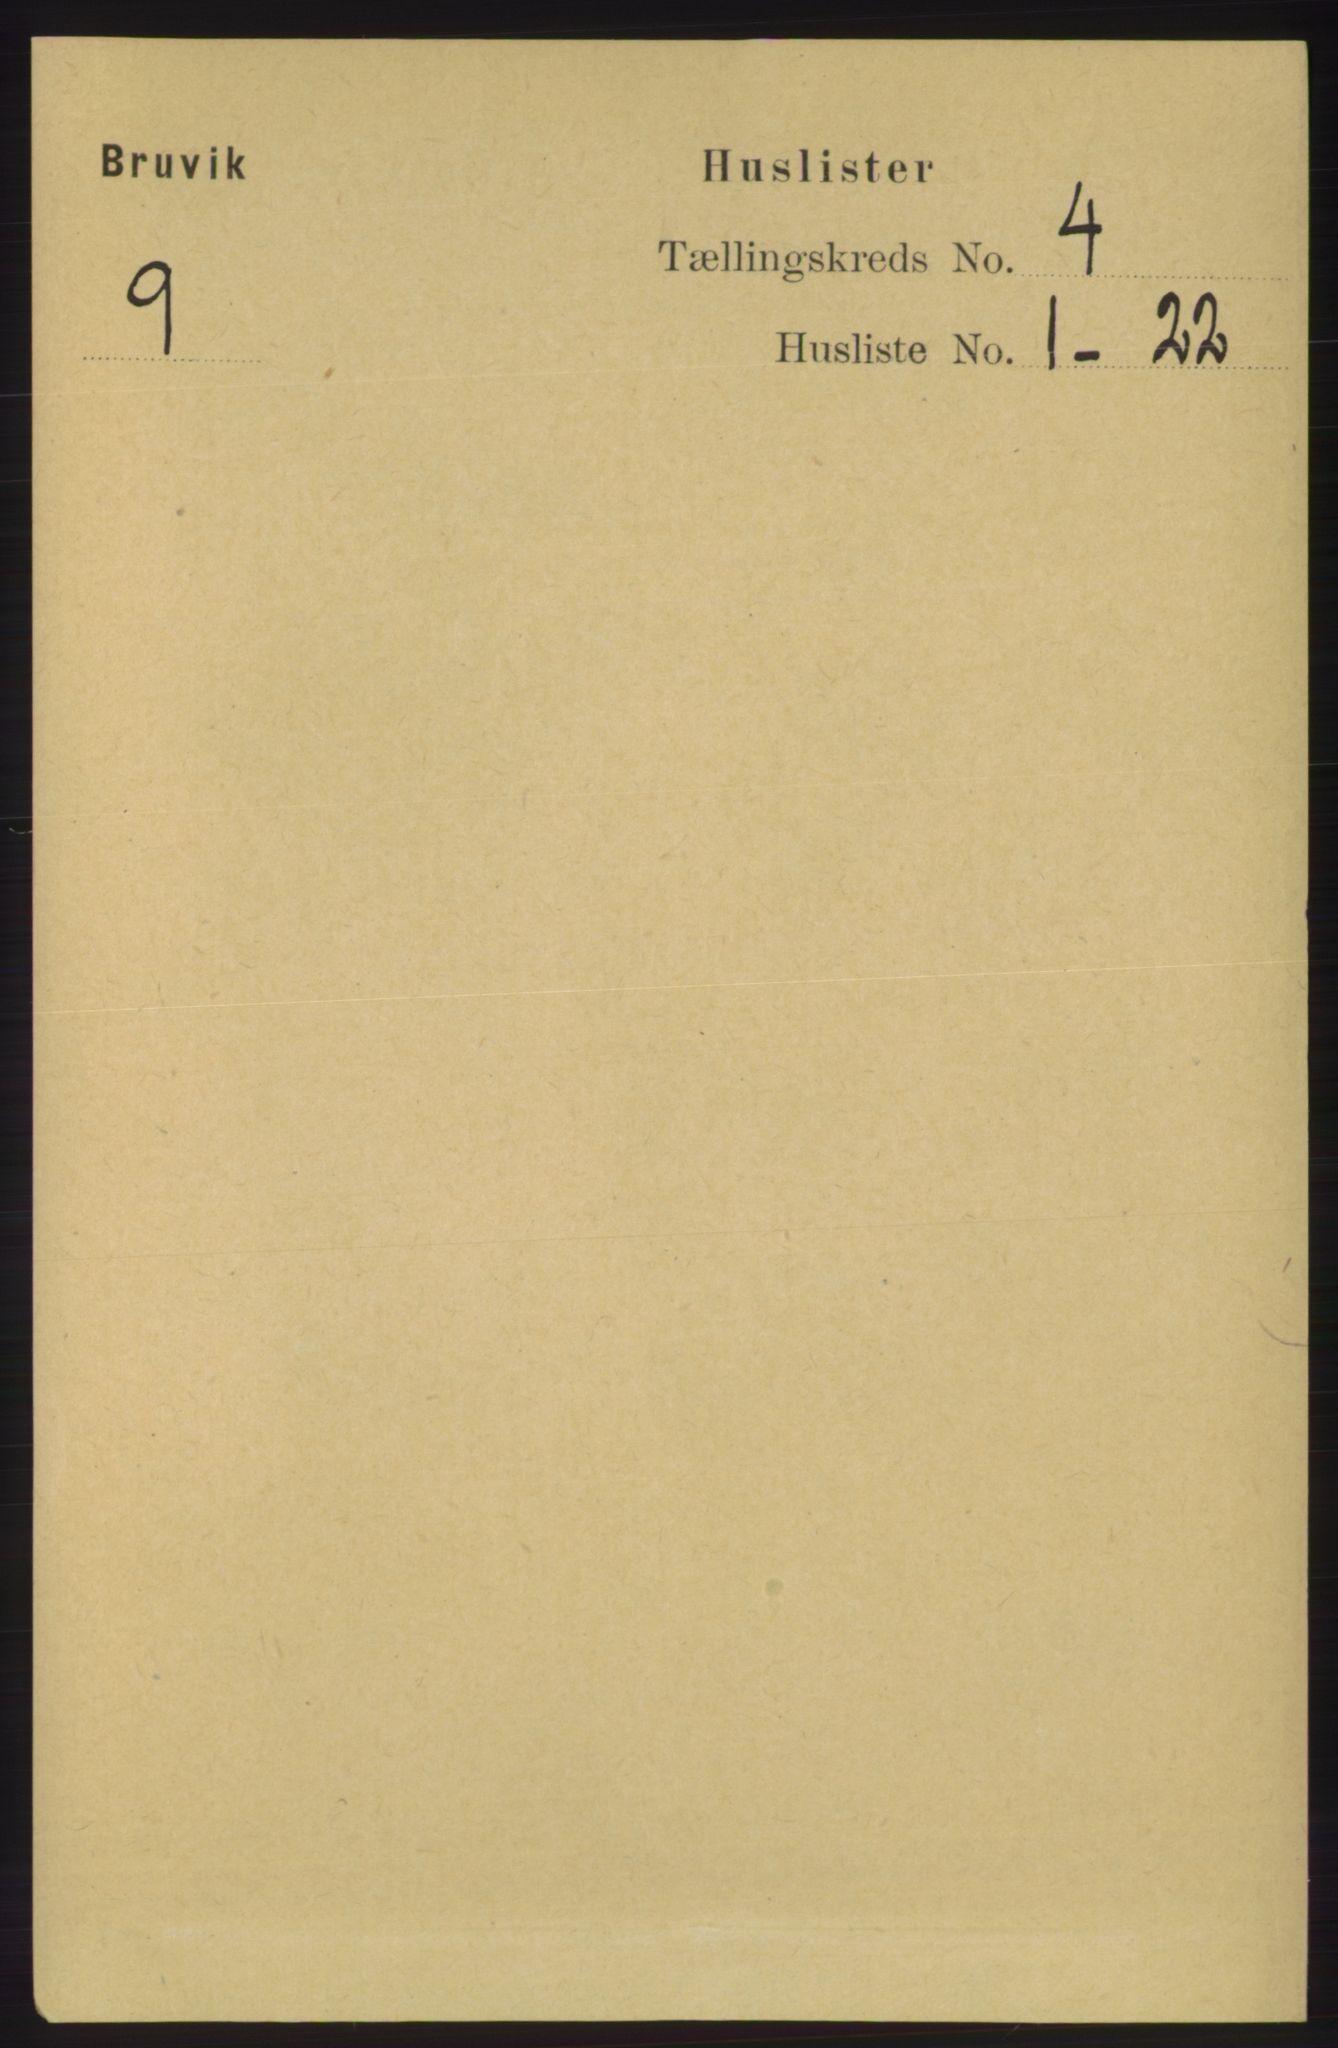 RA, Folketelling 1891 for 1251 Bruvik herred, 1891, s. 977